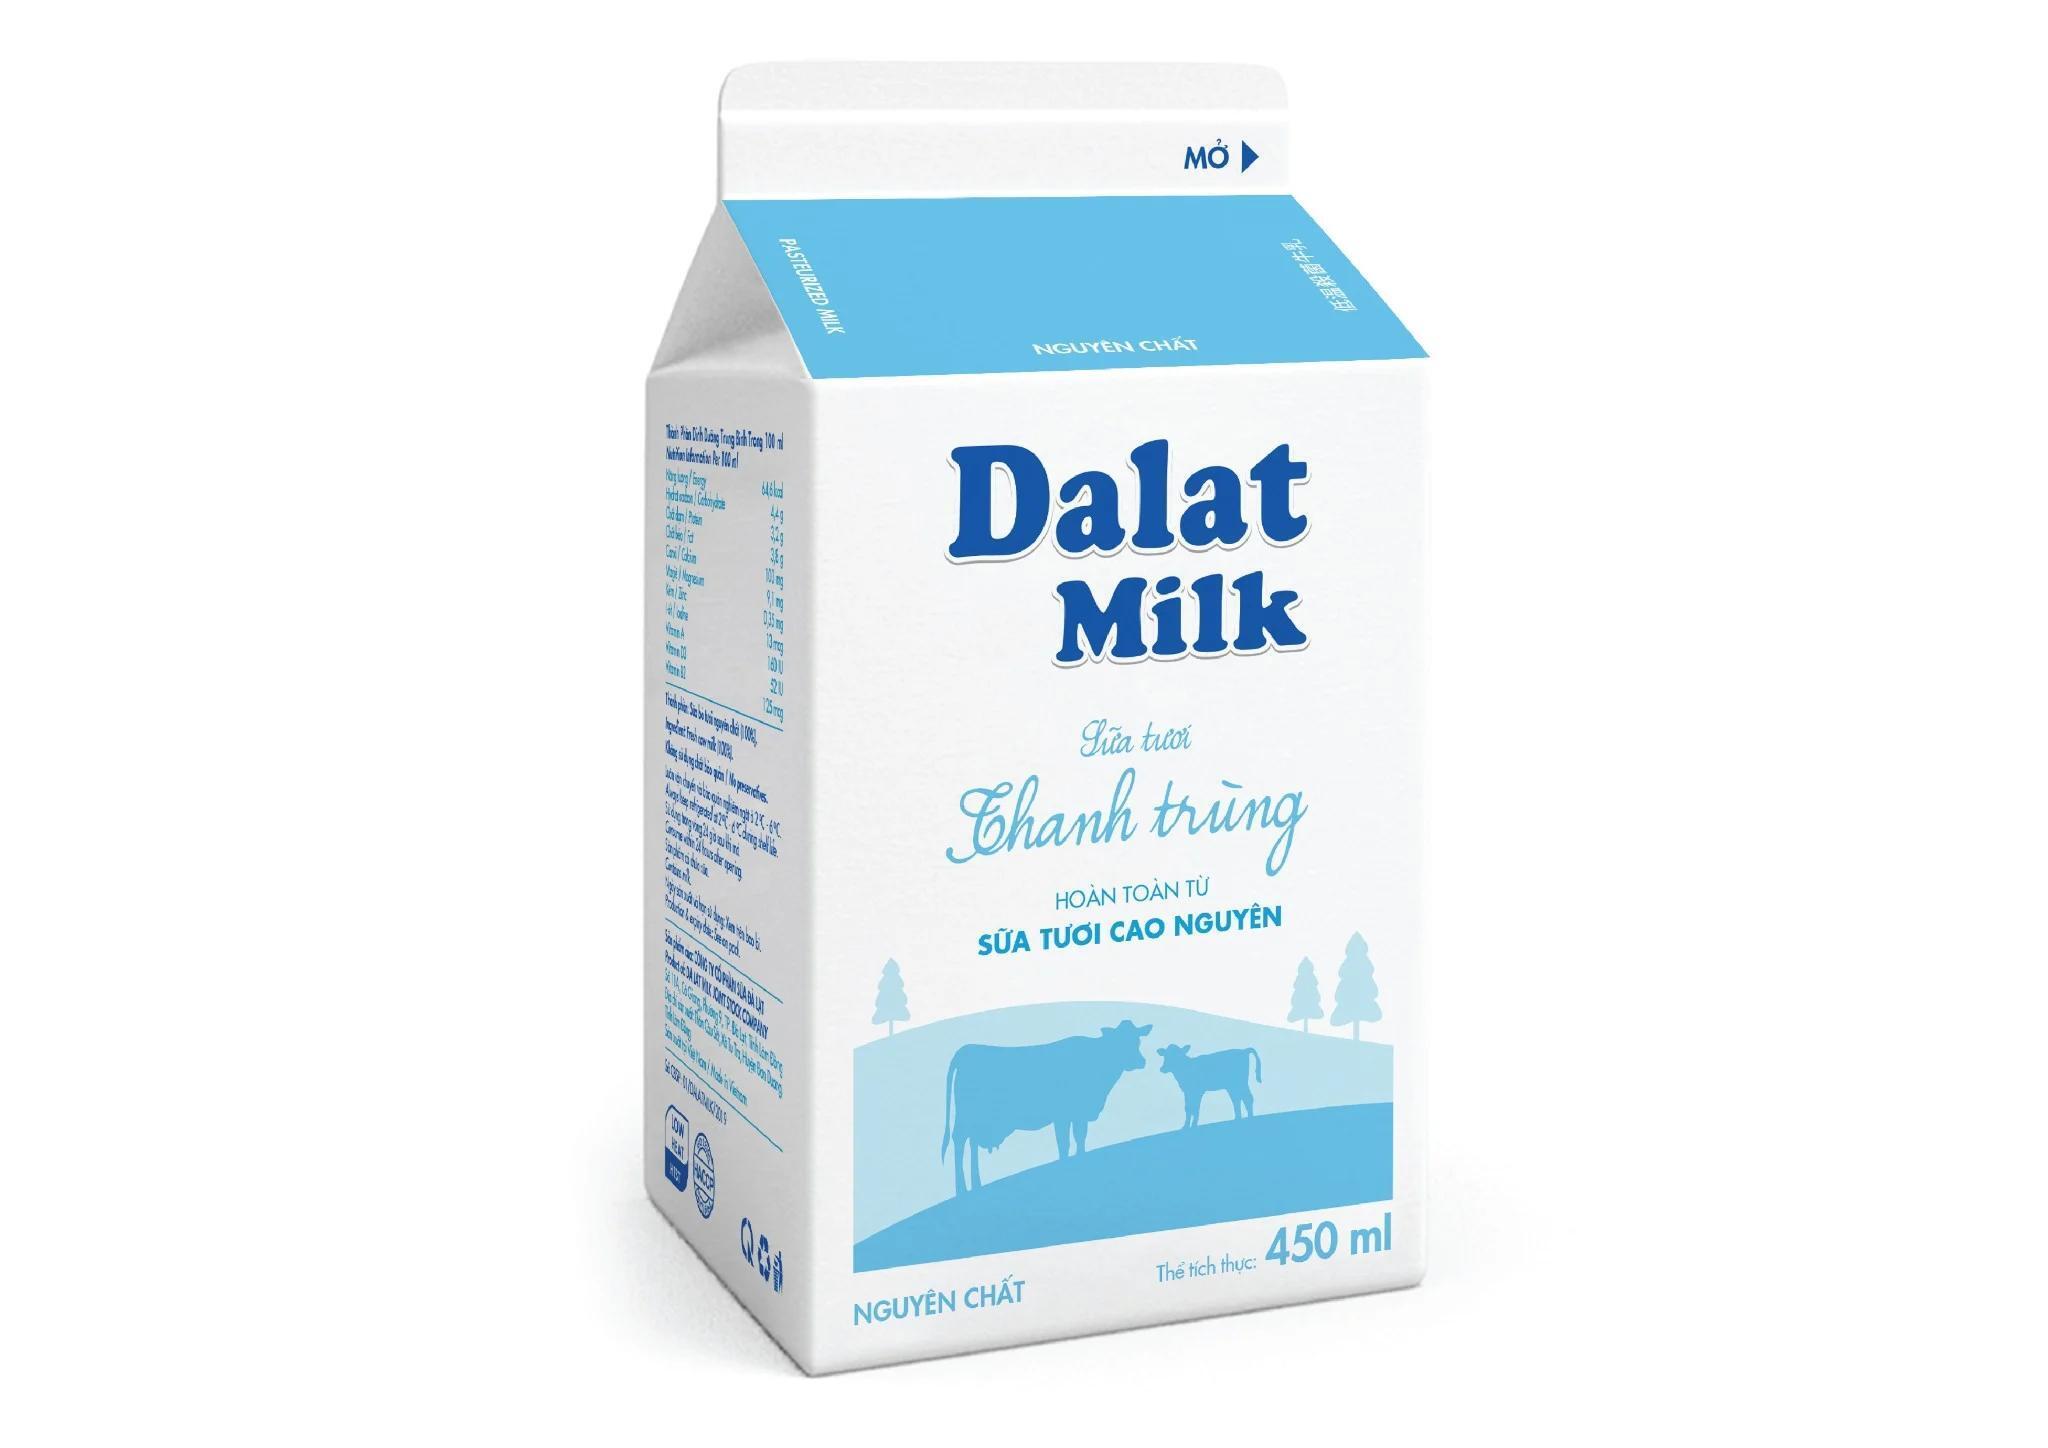 Sữa tươi thanh trùng Dalat milk không đường – 450ml